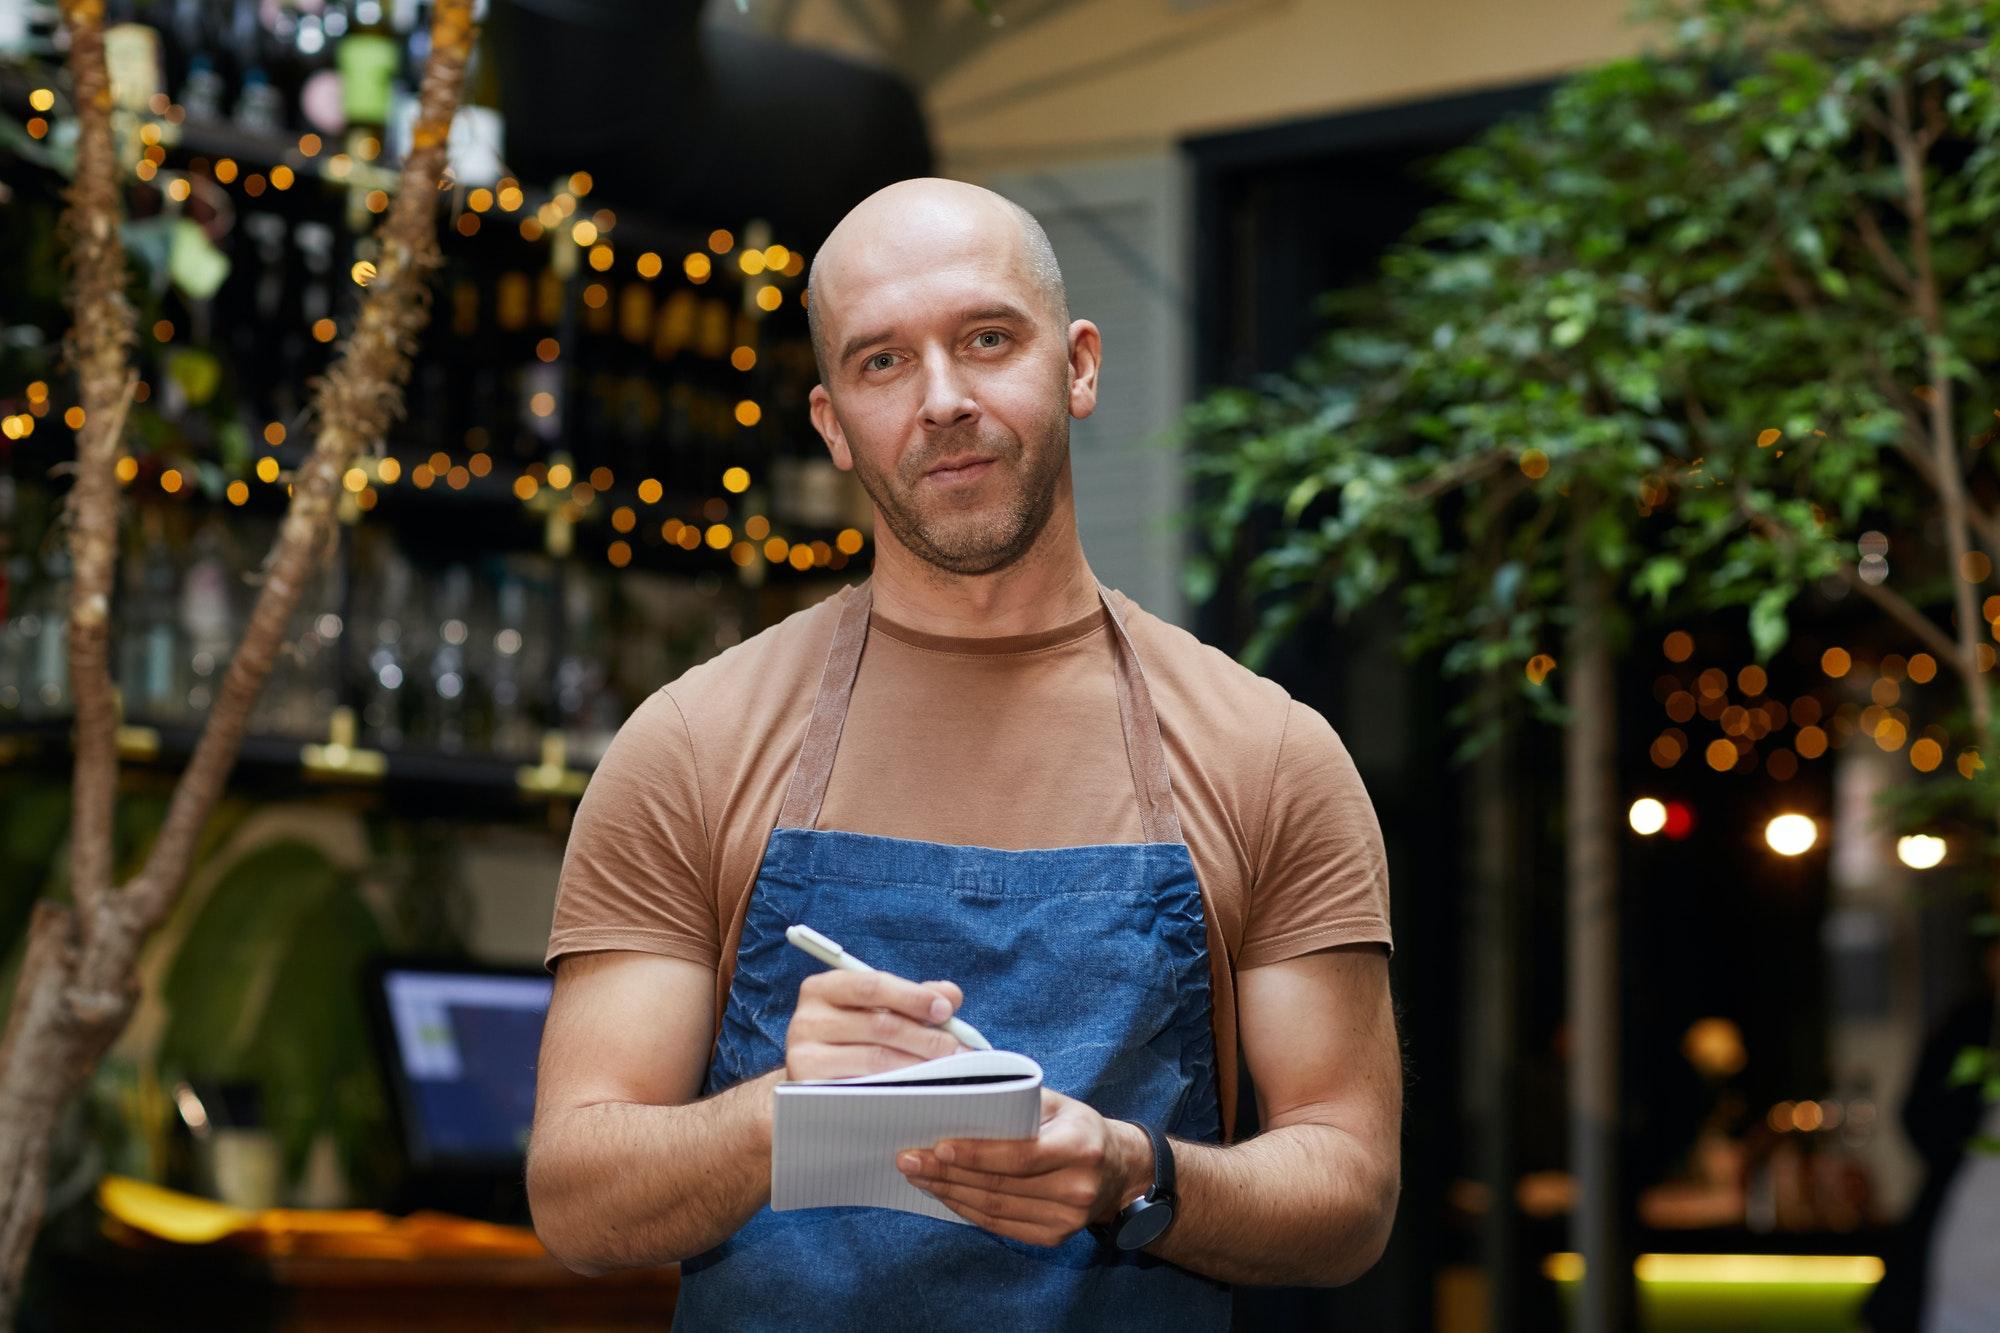 Waiter at the restaurant